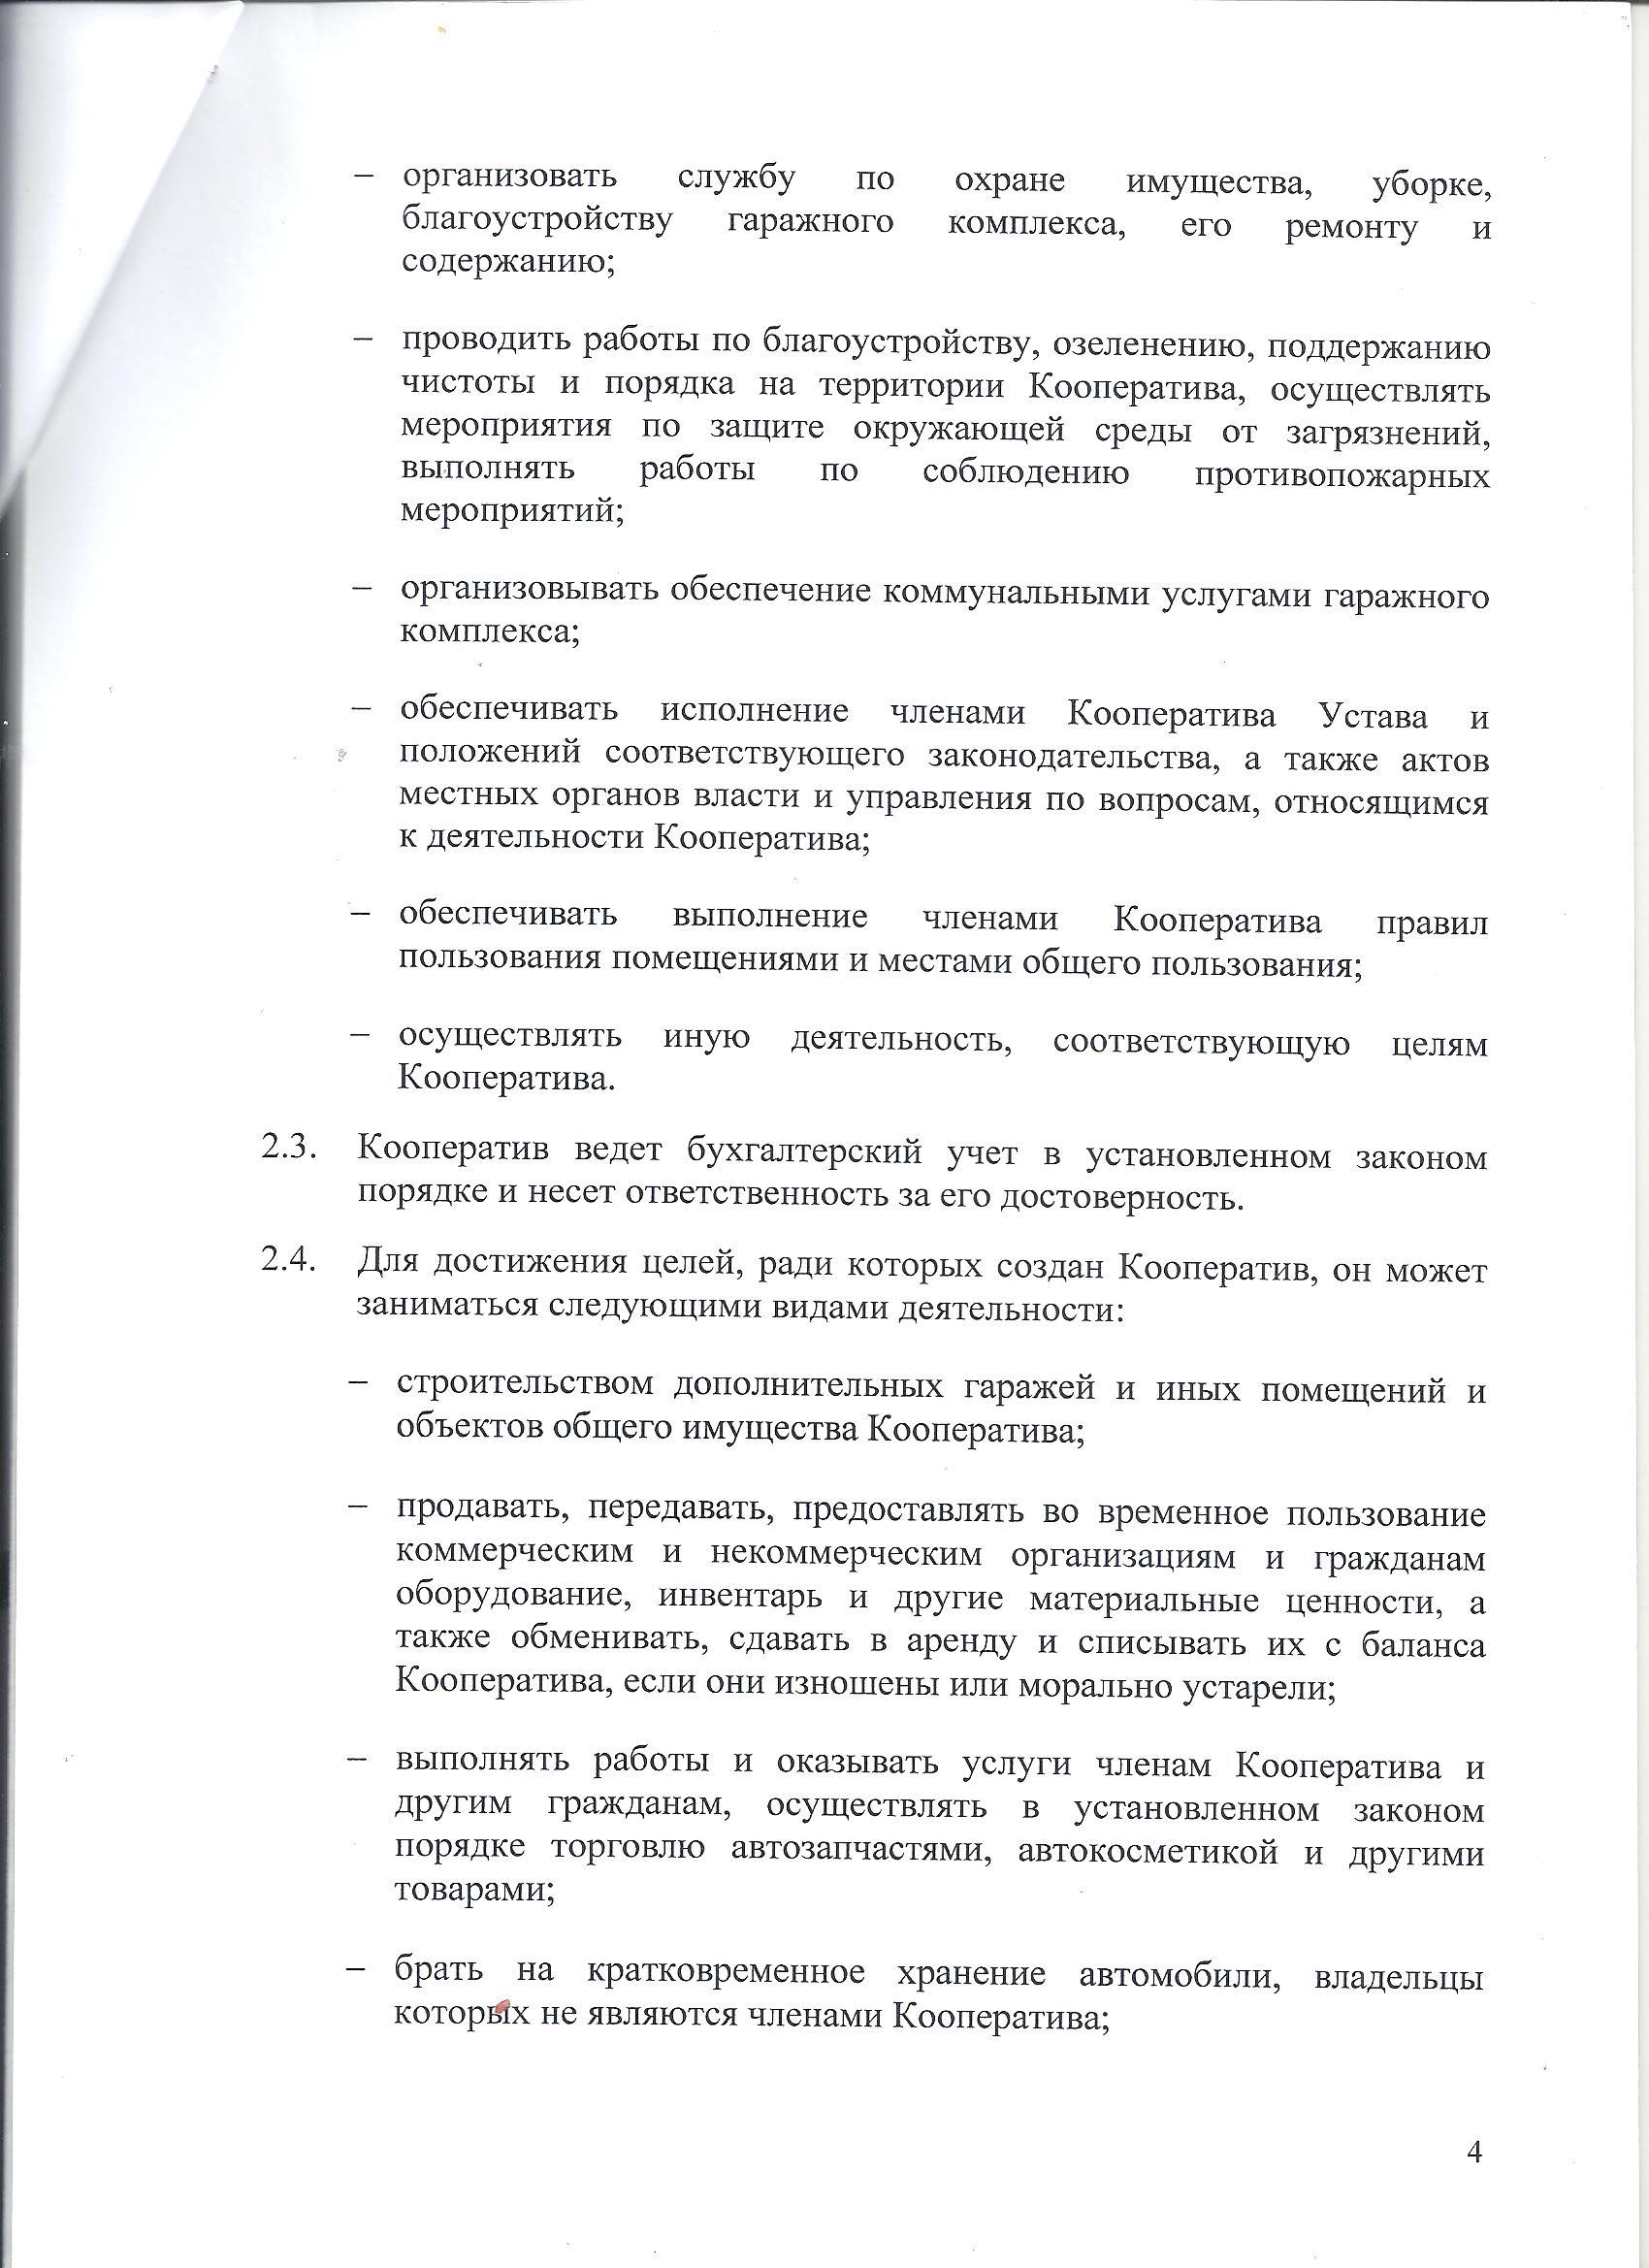 http://forumupload.ru/uploads/0018/e6/9c/2/242883.jpg